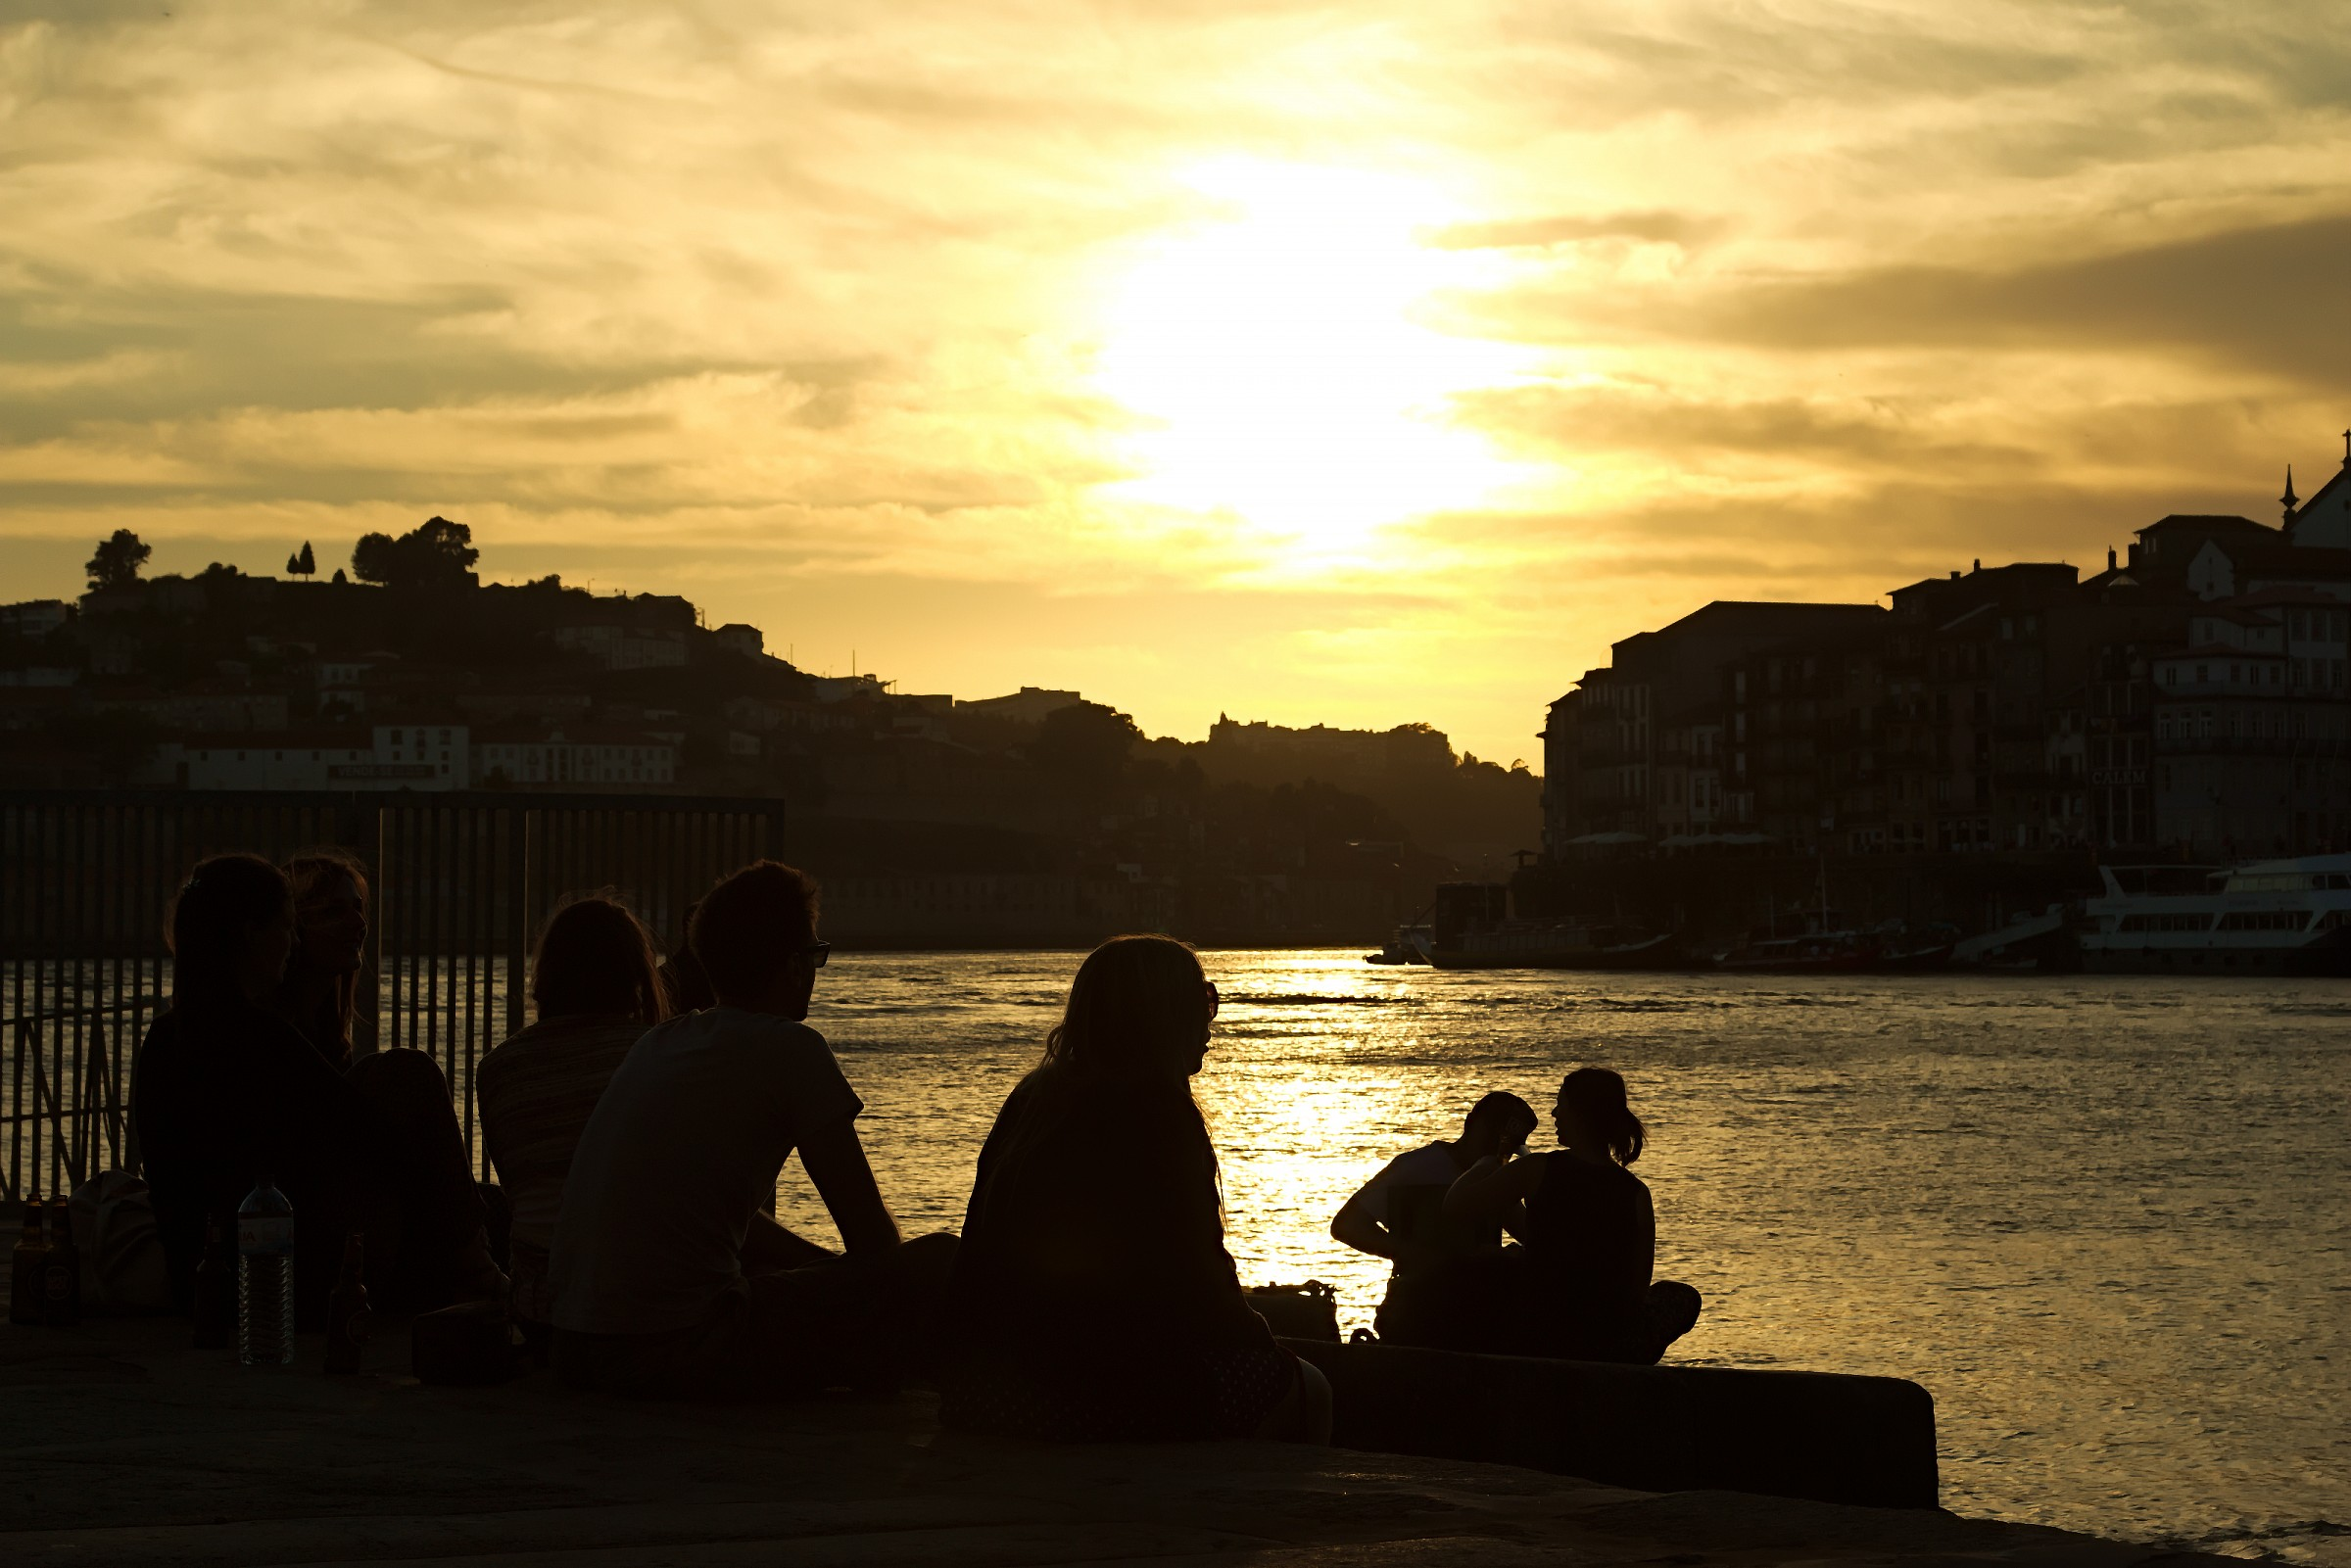 Tramonto a Porto...in Compagnia...